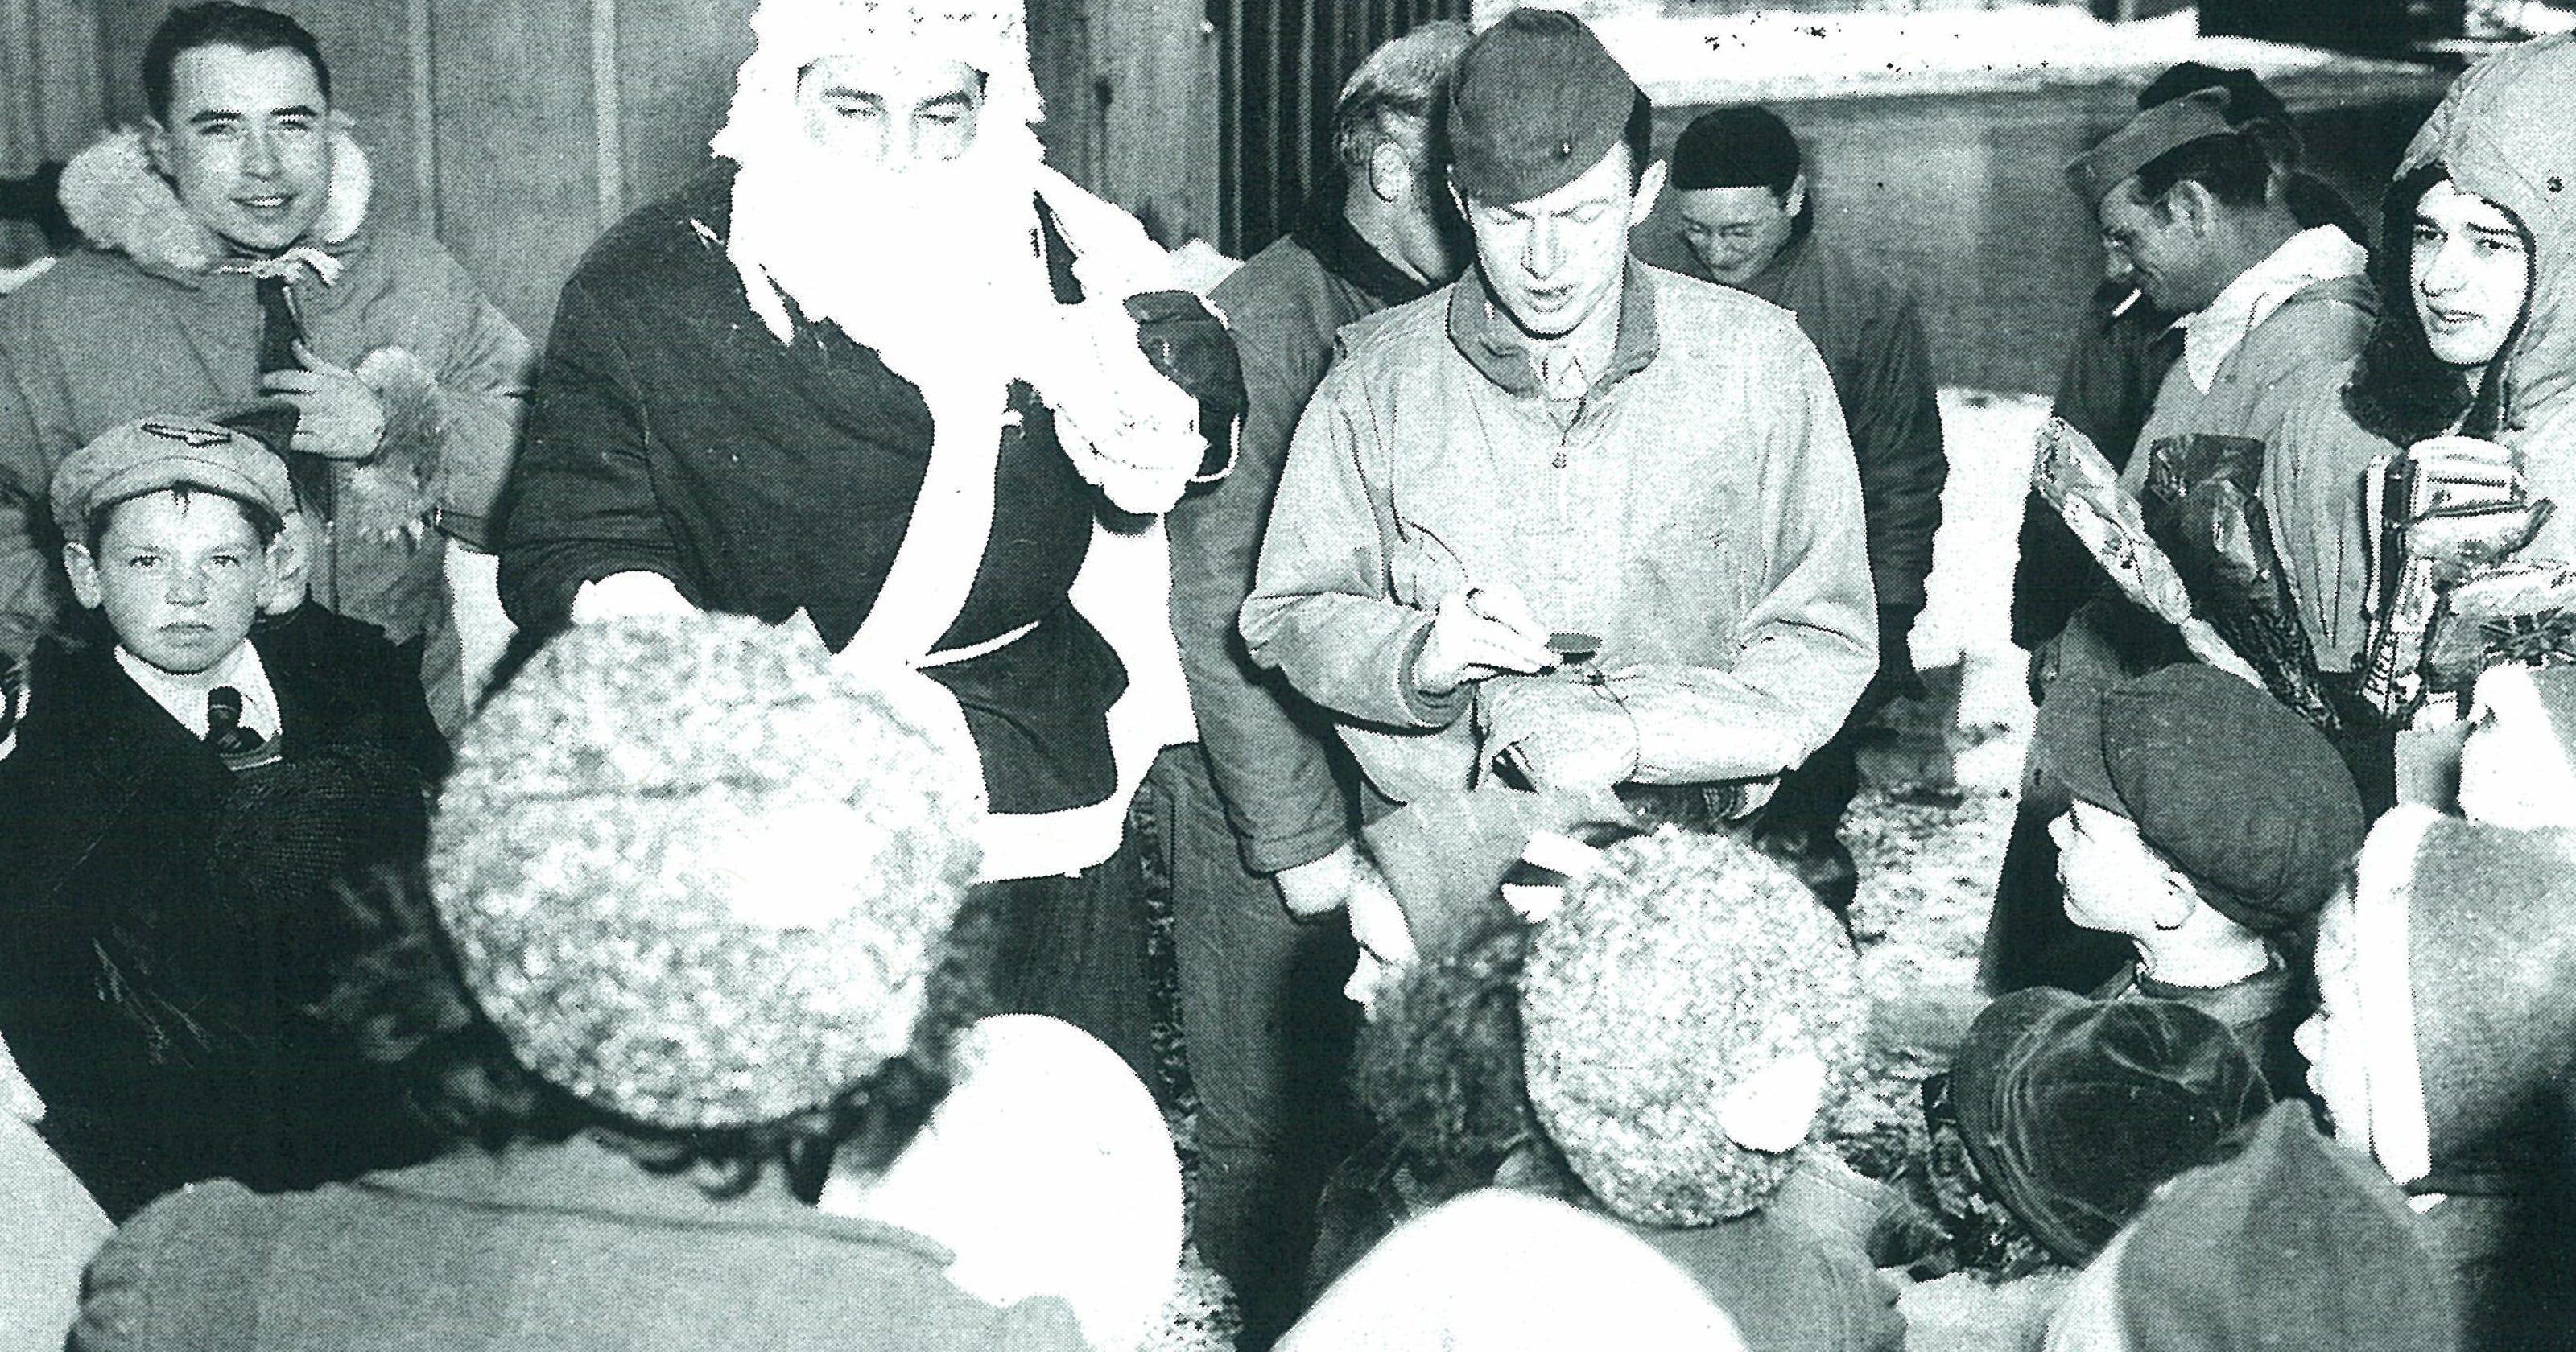 Christmas 1945 was a celebration like no other